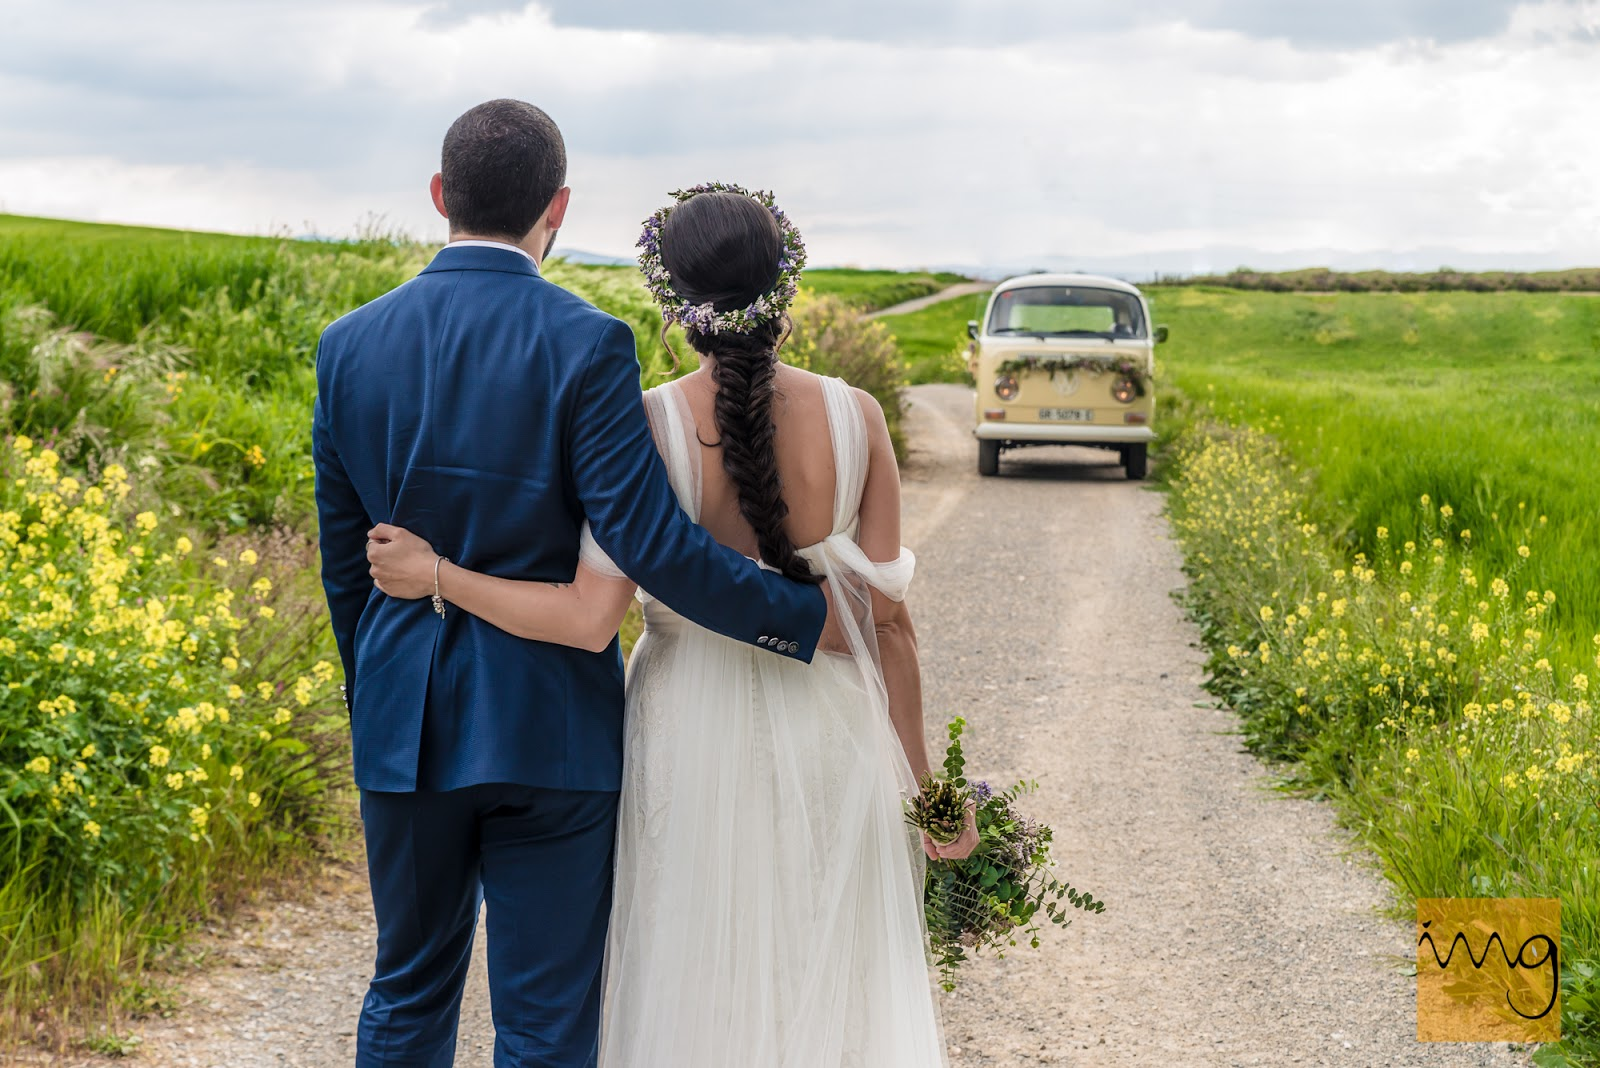 Reportaje de boda estilo vintage con furgoneta VW T2